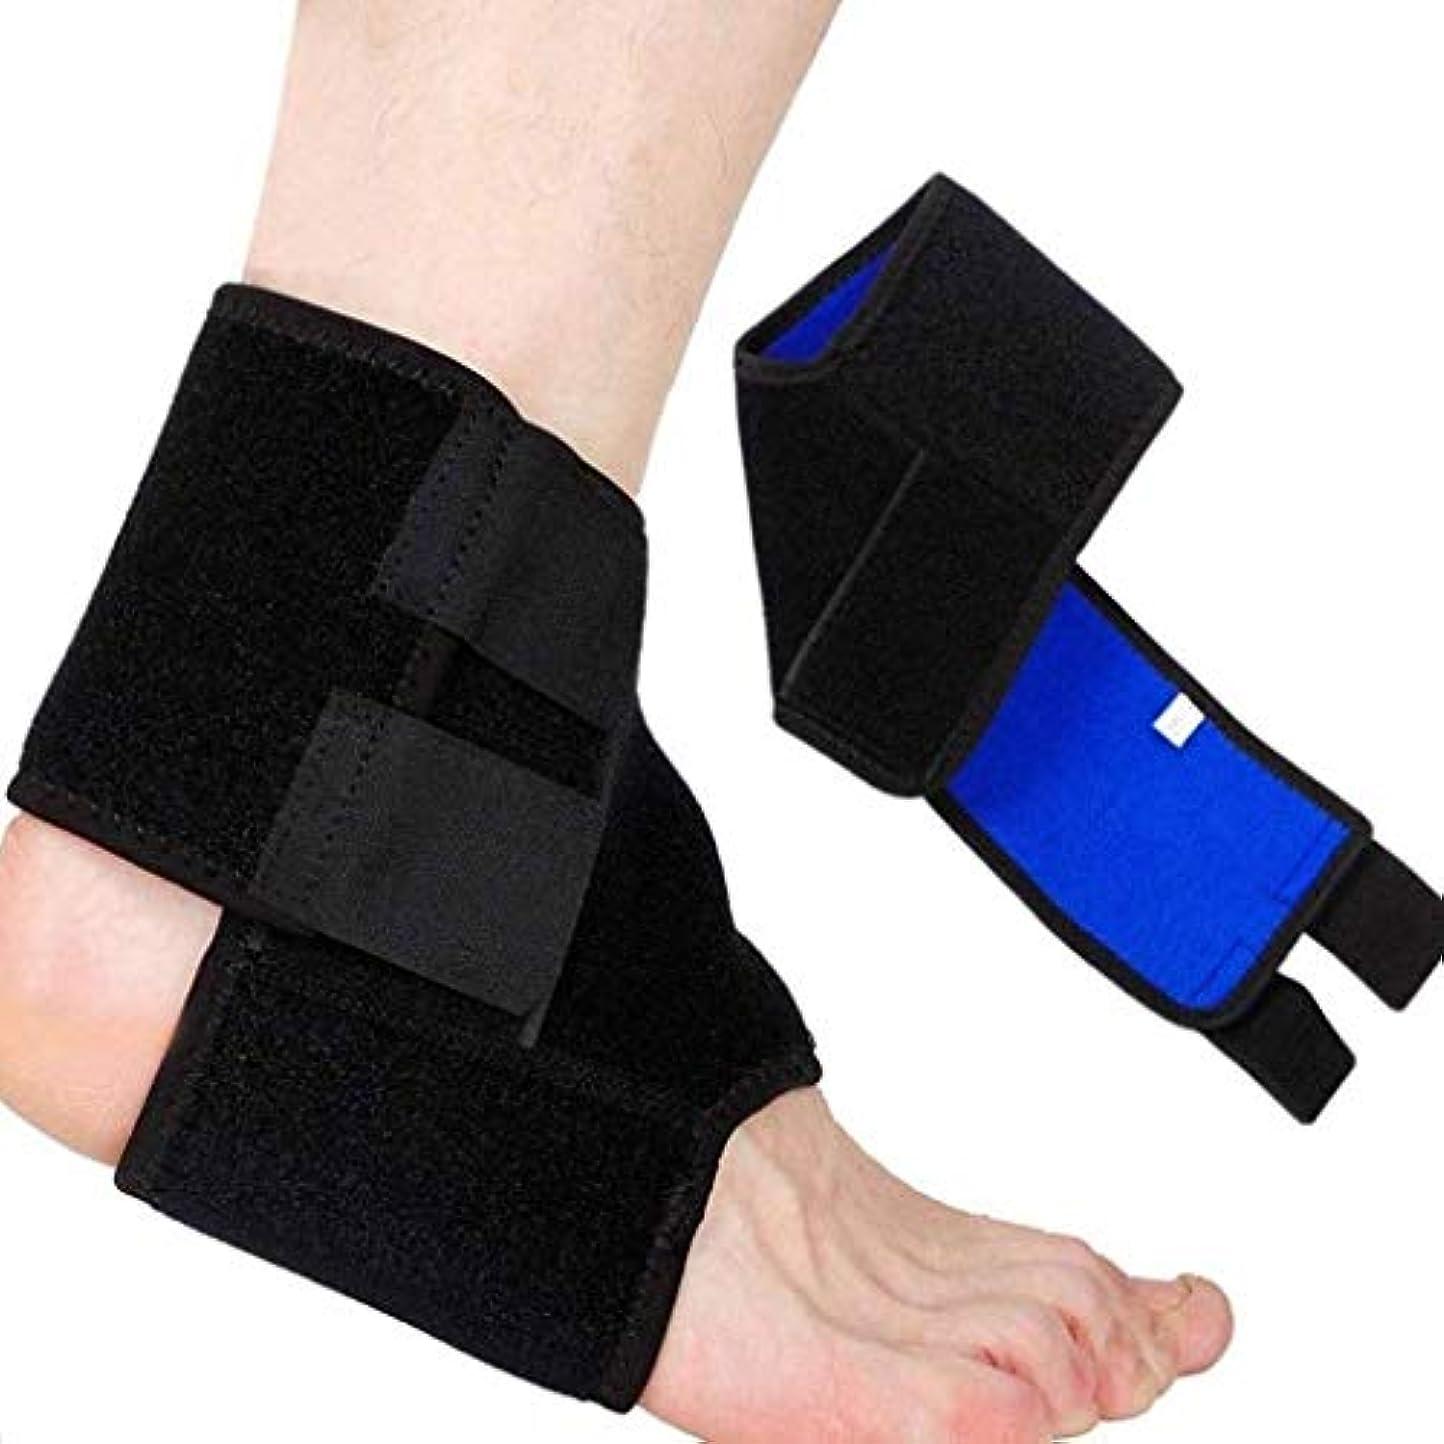 十分韻止まる足首サポート、足首ブレース通気性ナイロン弾性素材スポーツ用足首ラップ、関節痛、捻rain疲労など